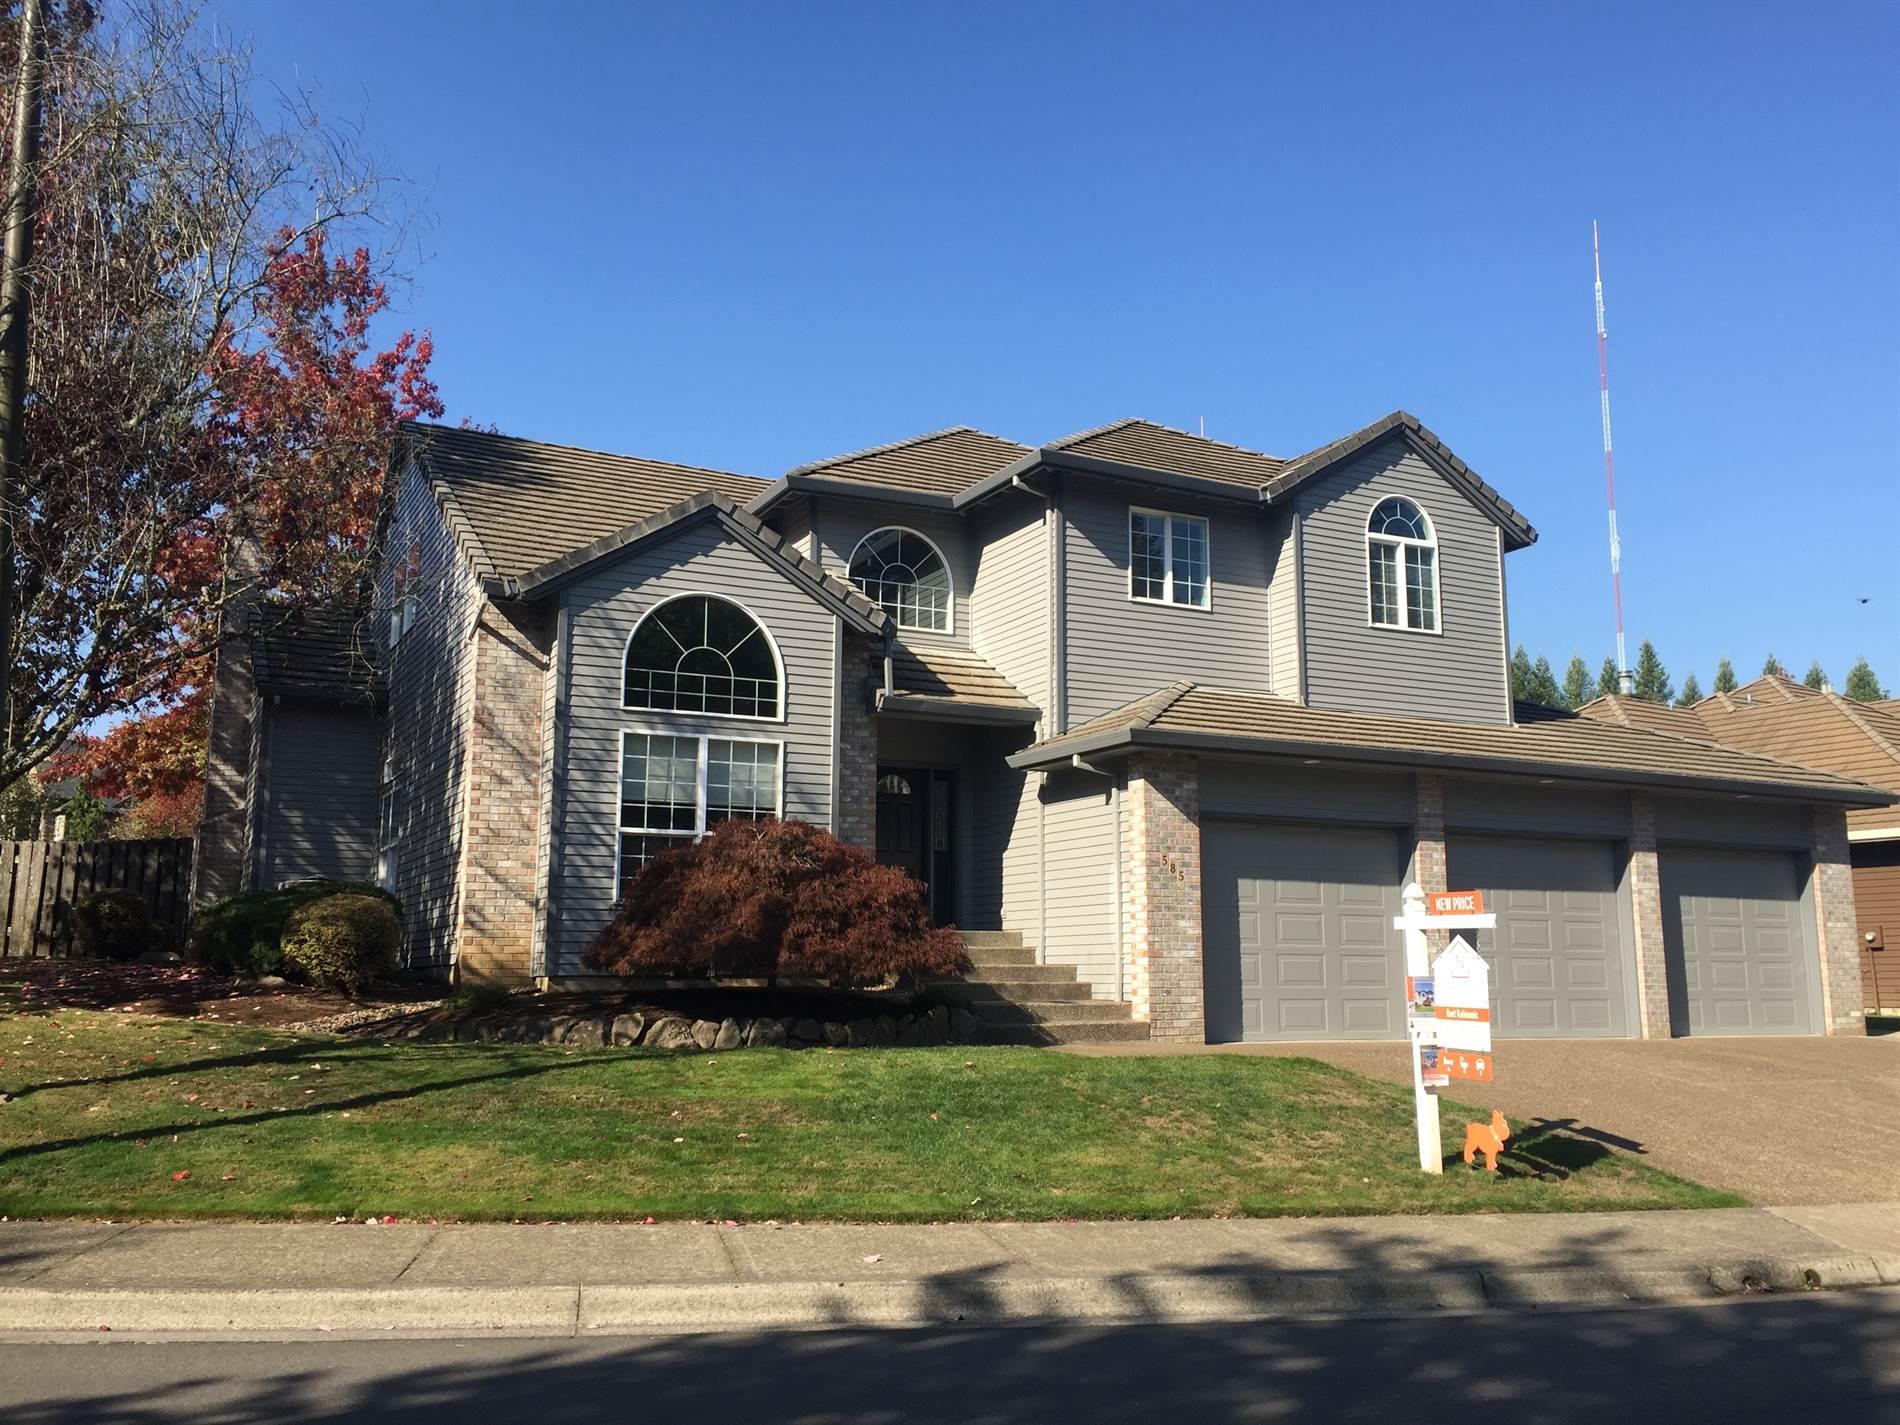 585 SW 67th Pl, Portland, OR 97225